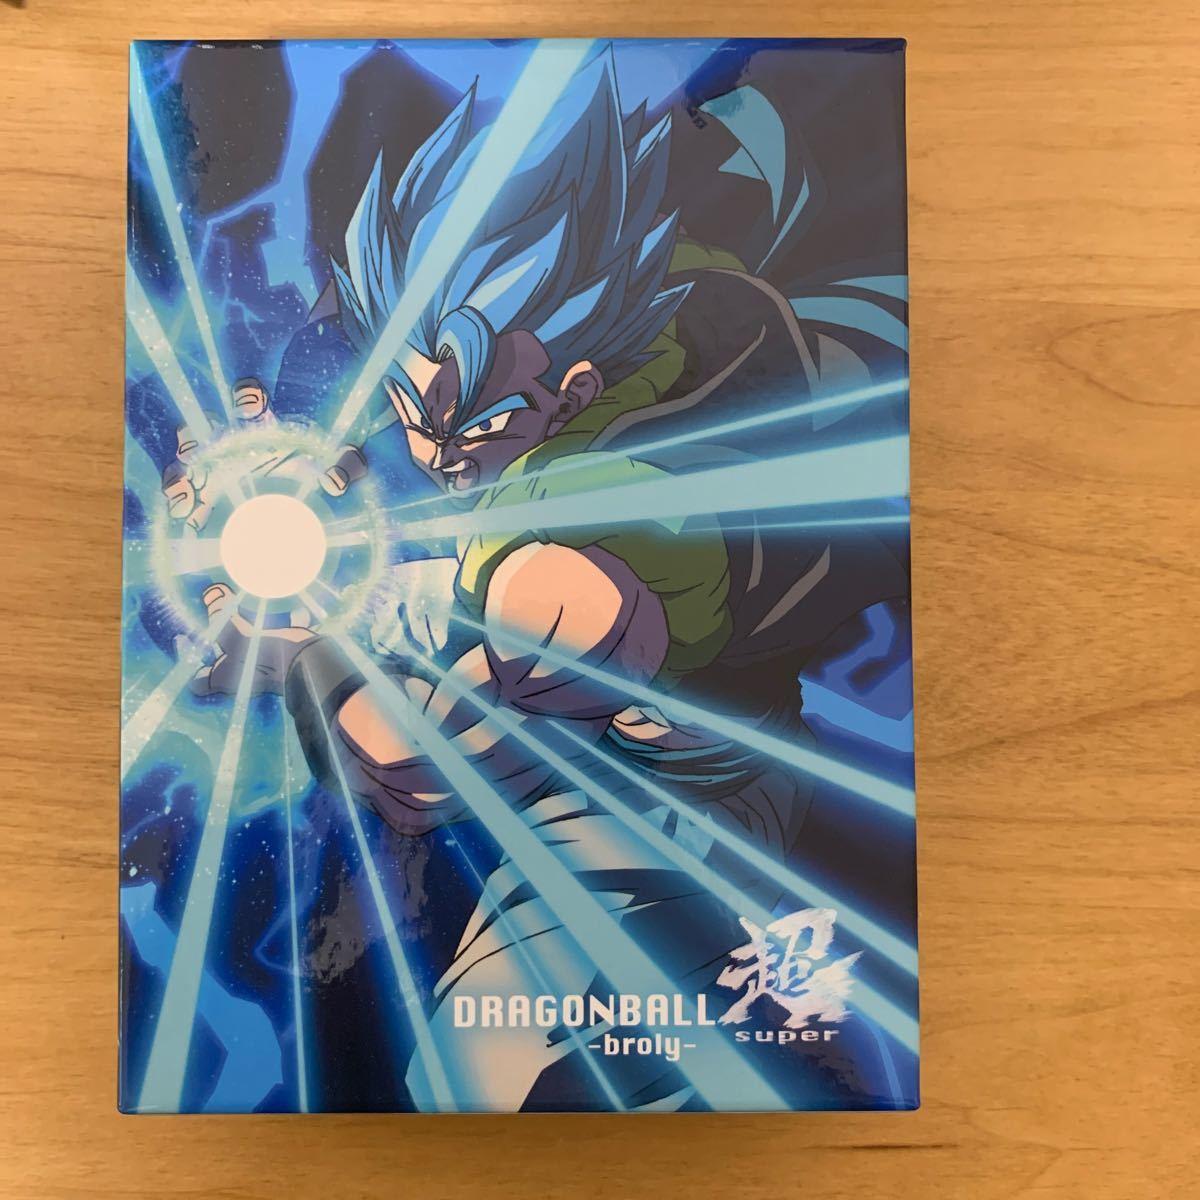 ドラゴンボール超 ブロリー 特別限定版 (初回生産限定) [Blu-ray]ブルーレイ